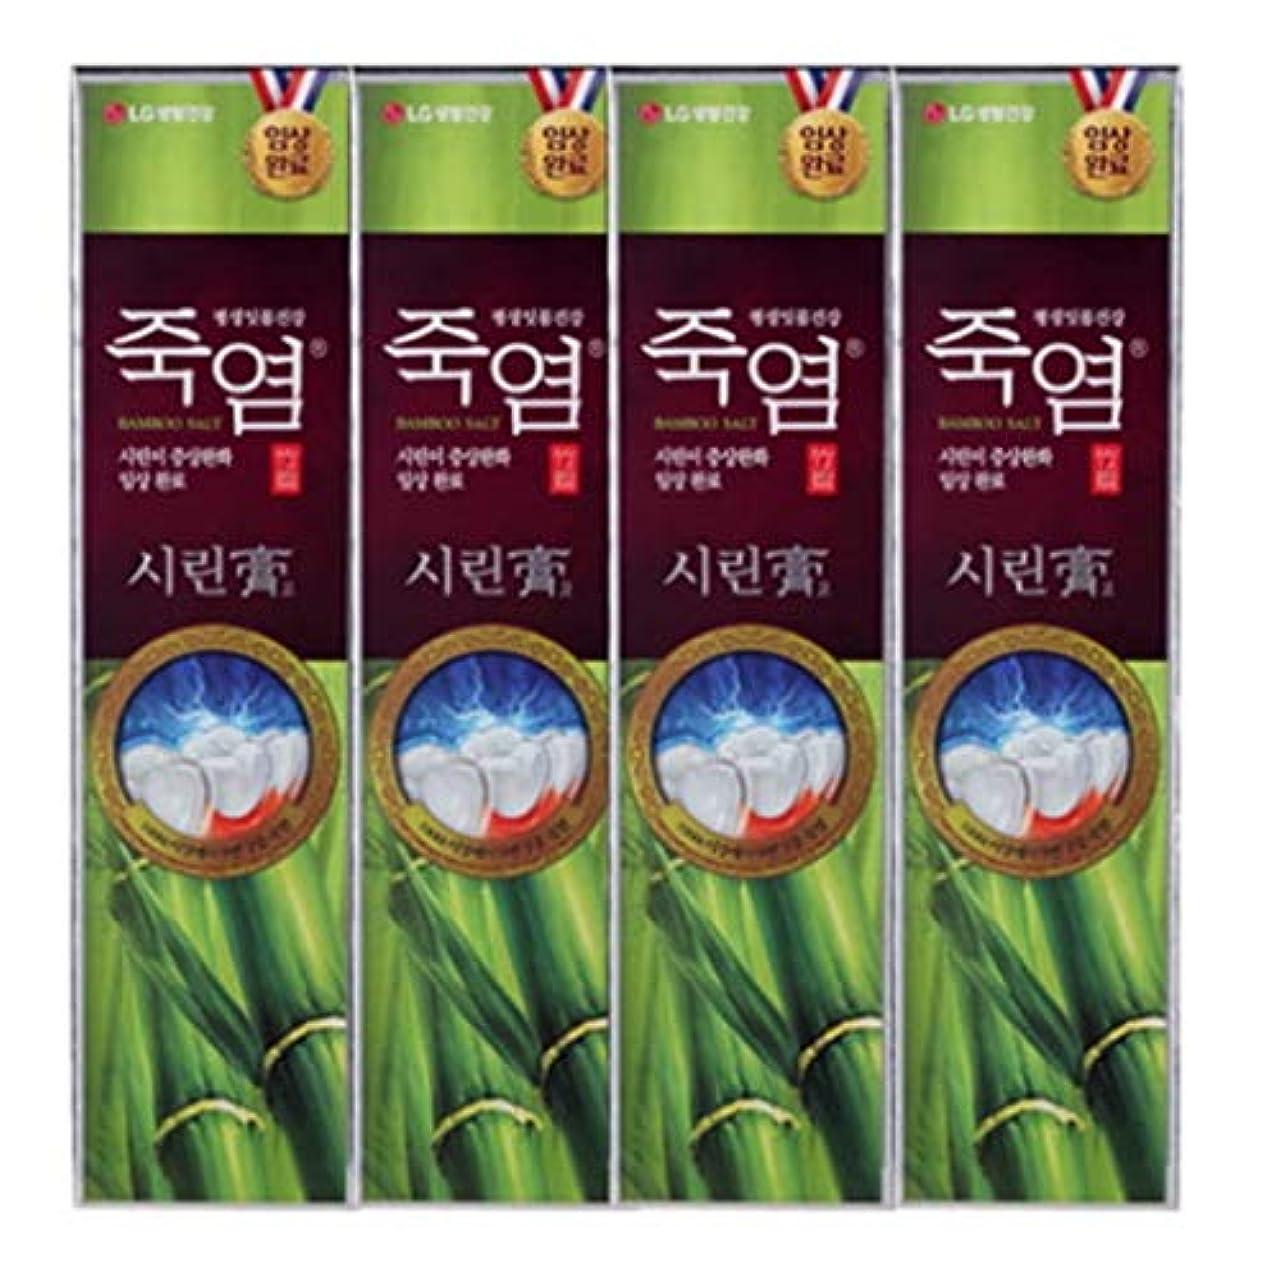 風味無心横[LG Care/LG生活健康]竹塩歯磨き粉つぶれて歯茎を健康に120g x4ea/歯磨きセットスペシャル?リミテッドToothpaste Set Special Limited Korea(海外直送品)